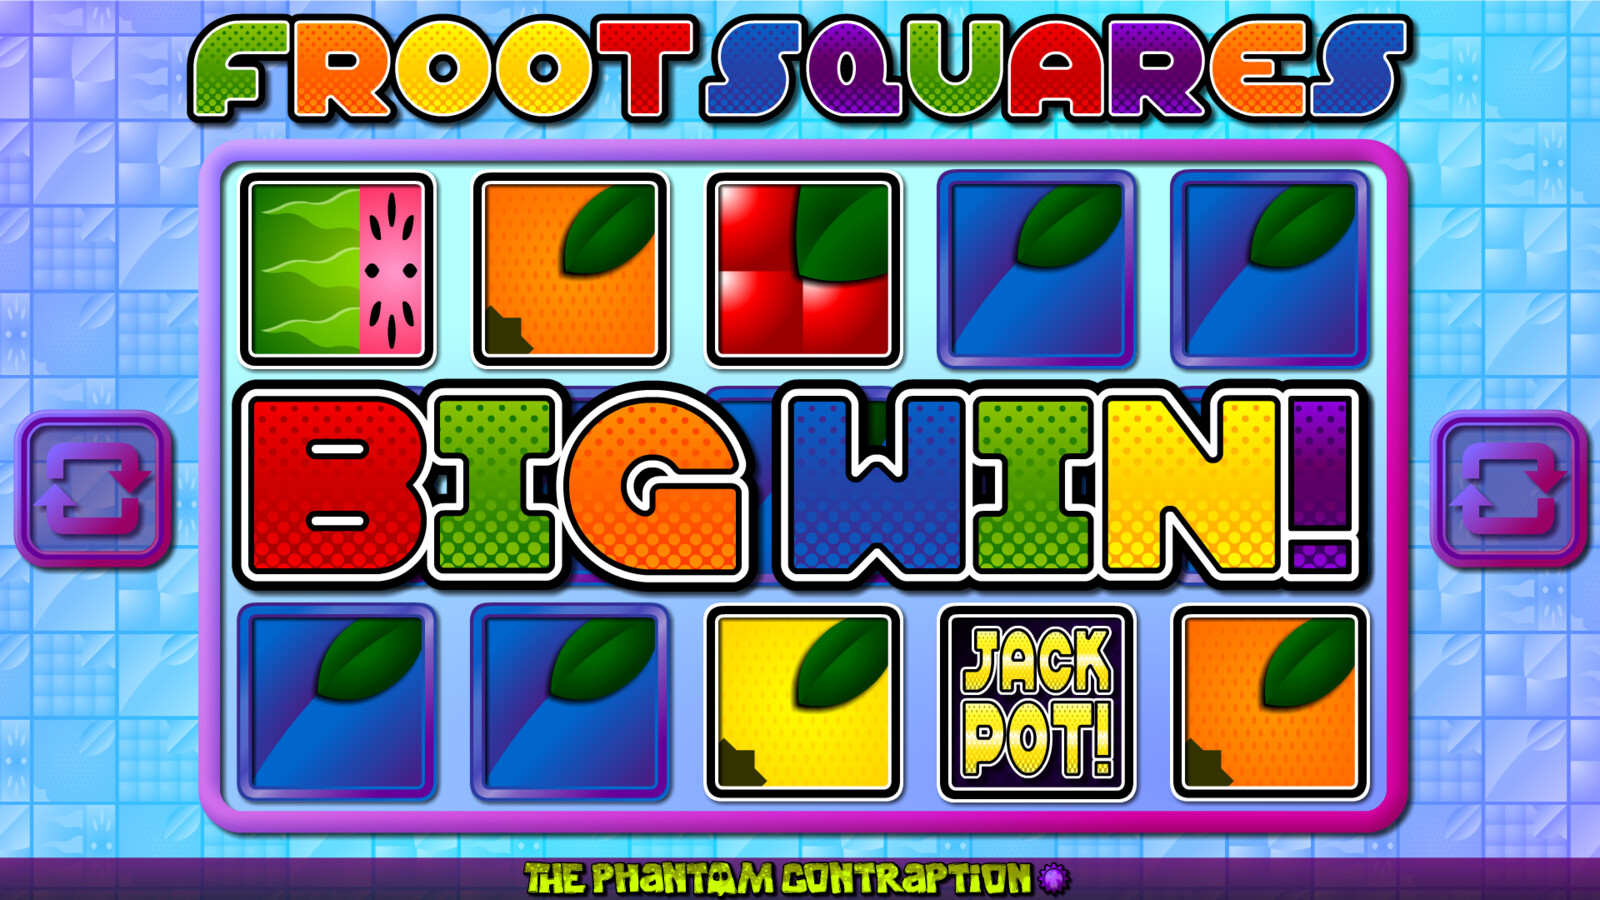 Froot Squares Landscape Screenshot: Big Win